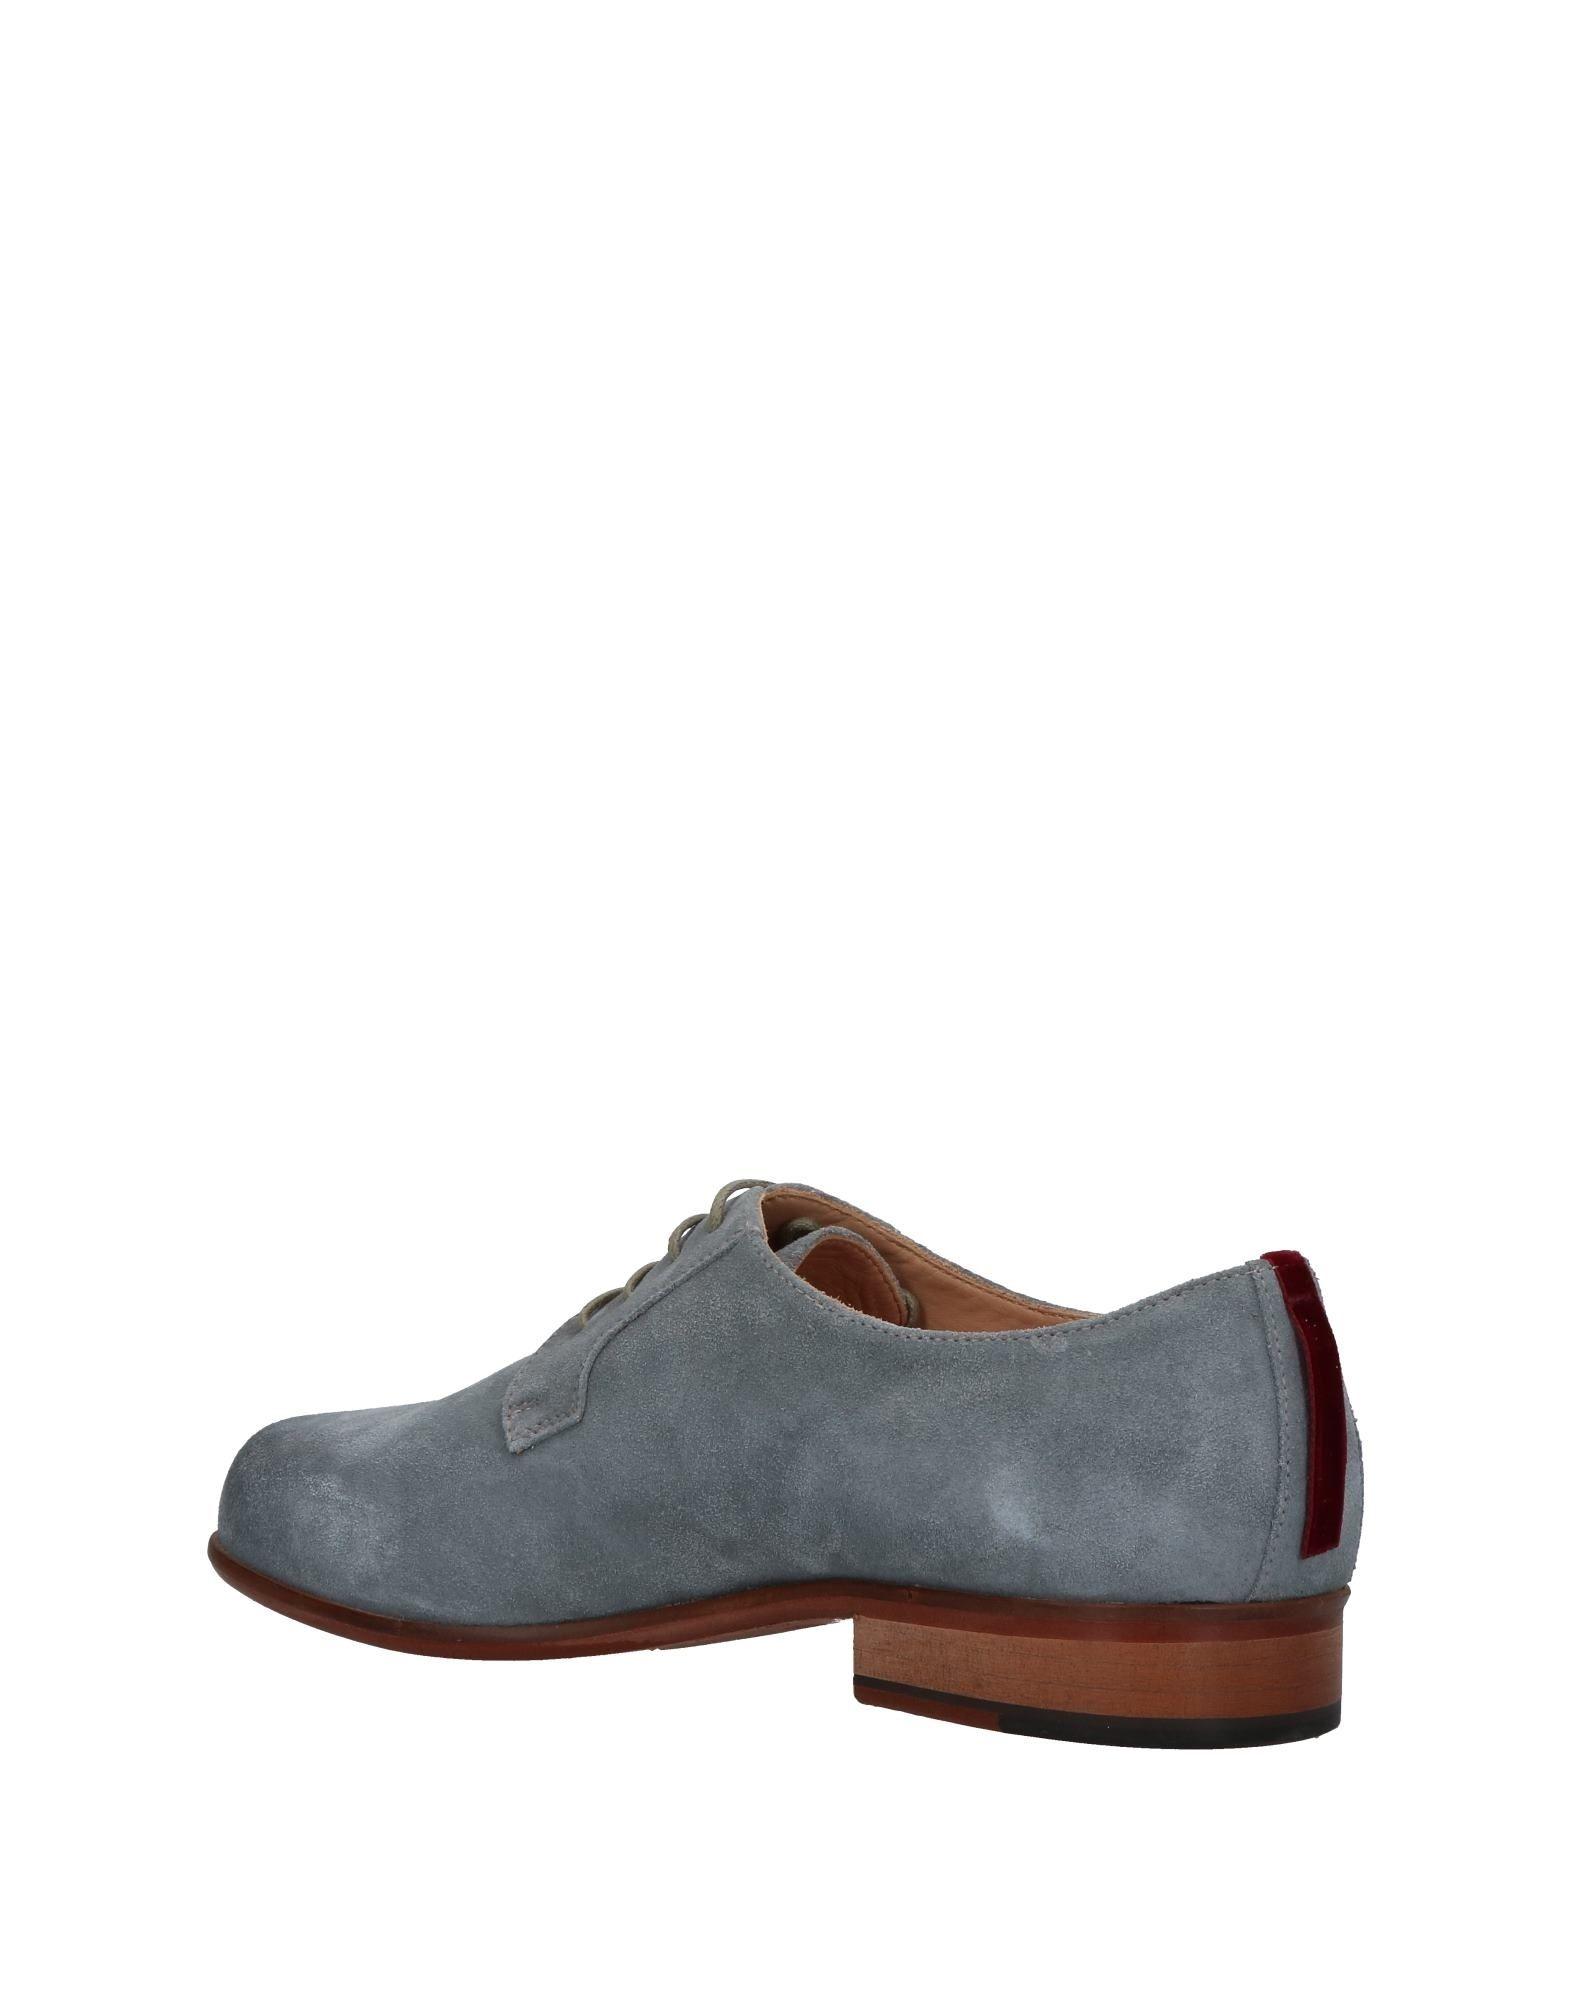 CHAUSSURES - Chaussures à lacetsATTIMONELLIS LtFBNrCqr0